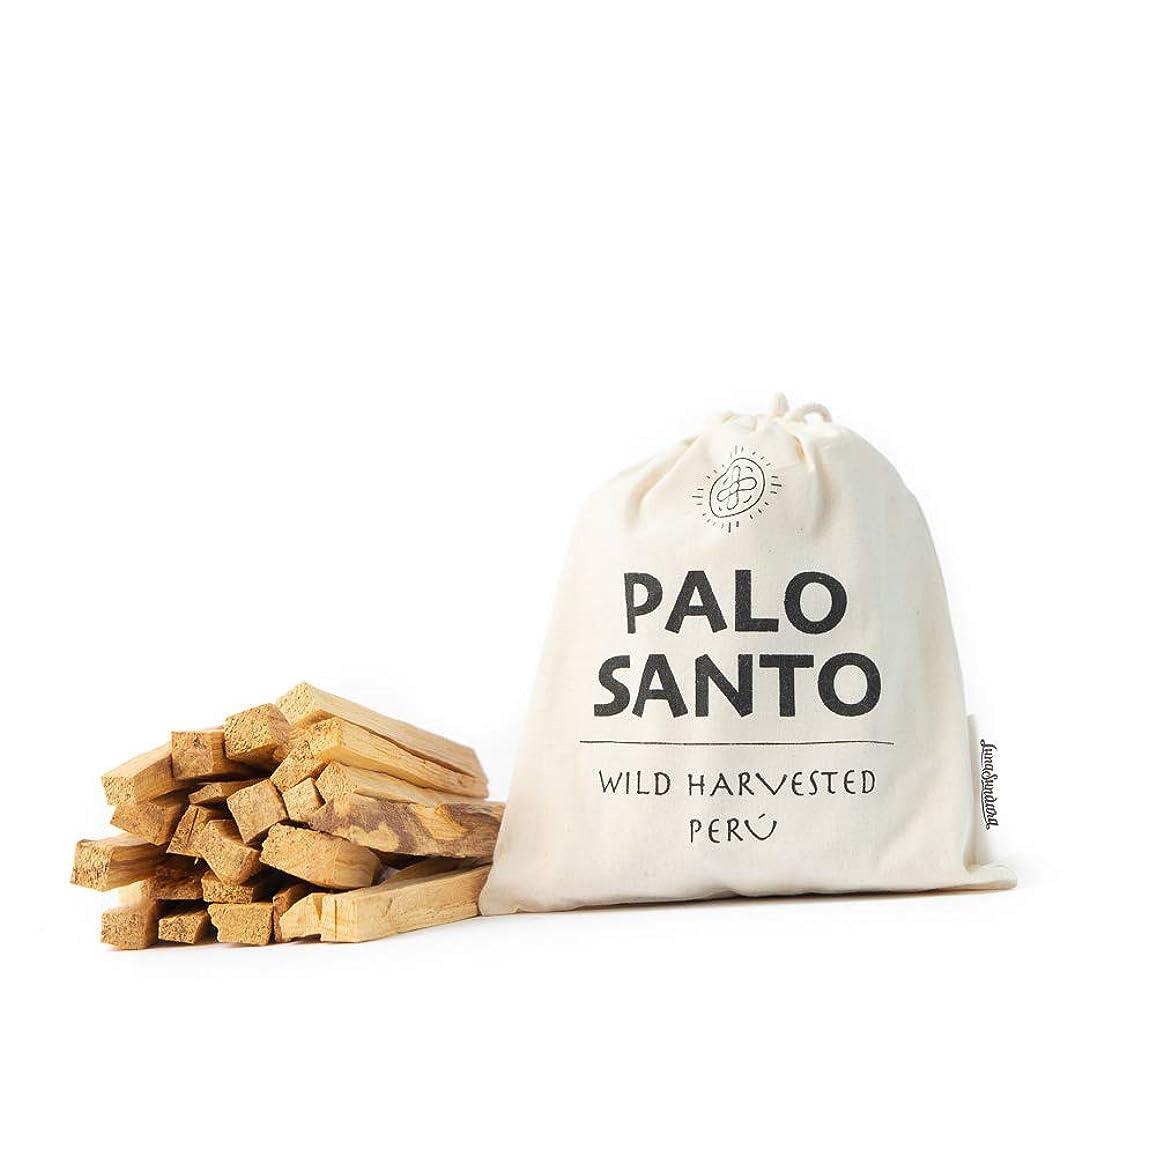 キャロライン今日チキンLuna Sundara Palo Santo Smudging Sticks Peru Sustainably Harvested Quality Hand Picked - 100グラム(約18-25スティック)